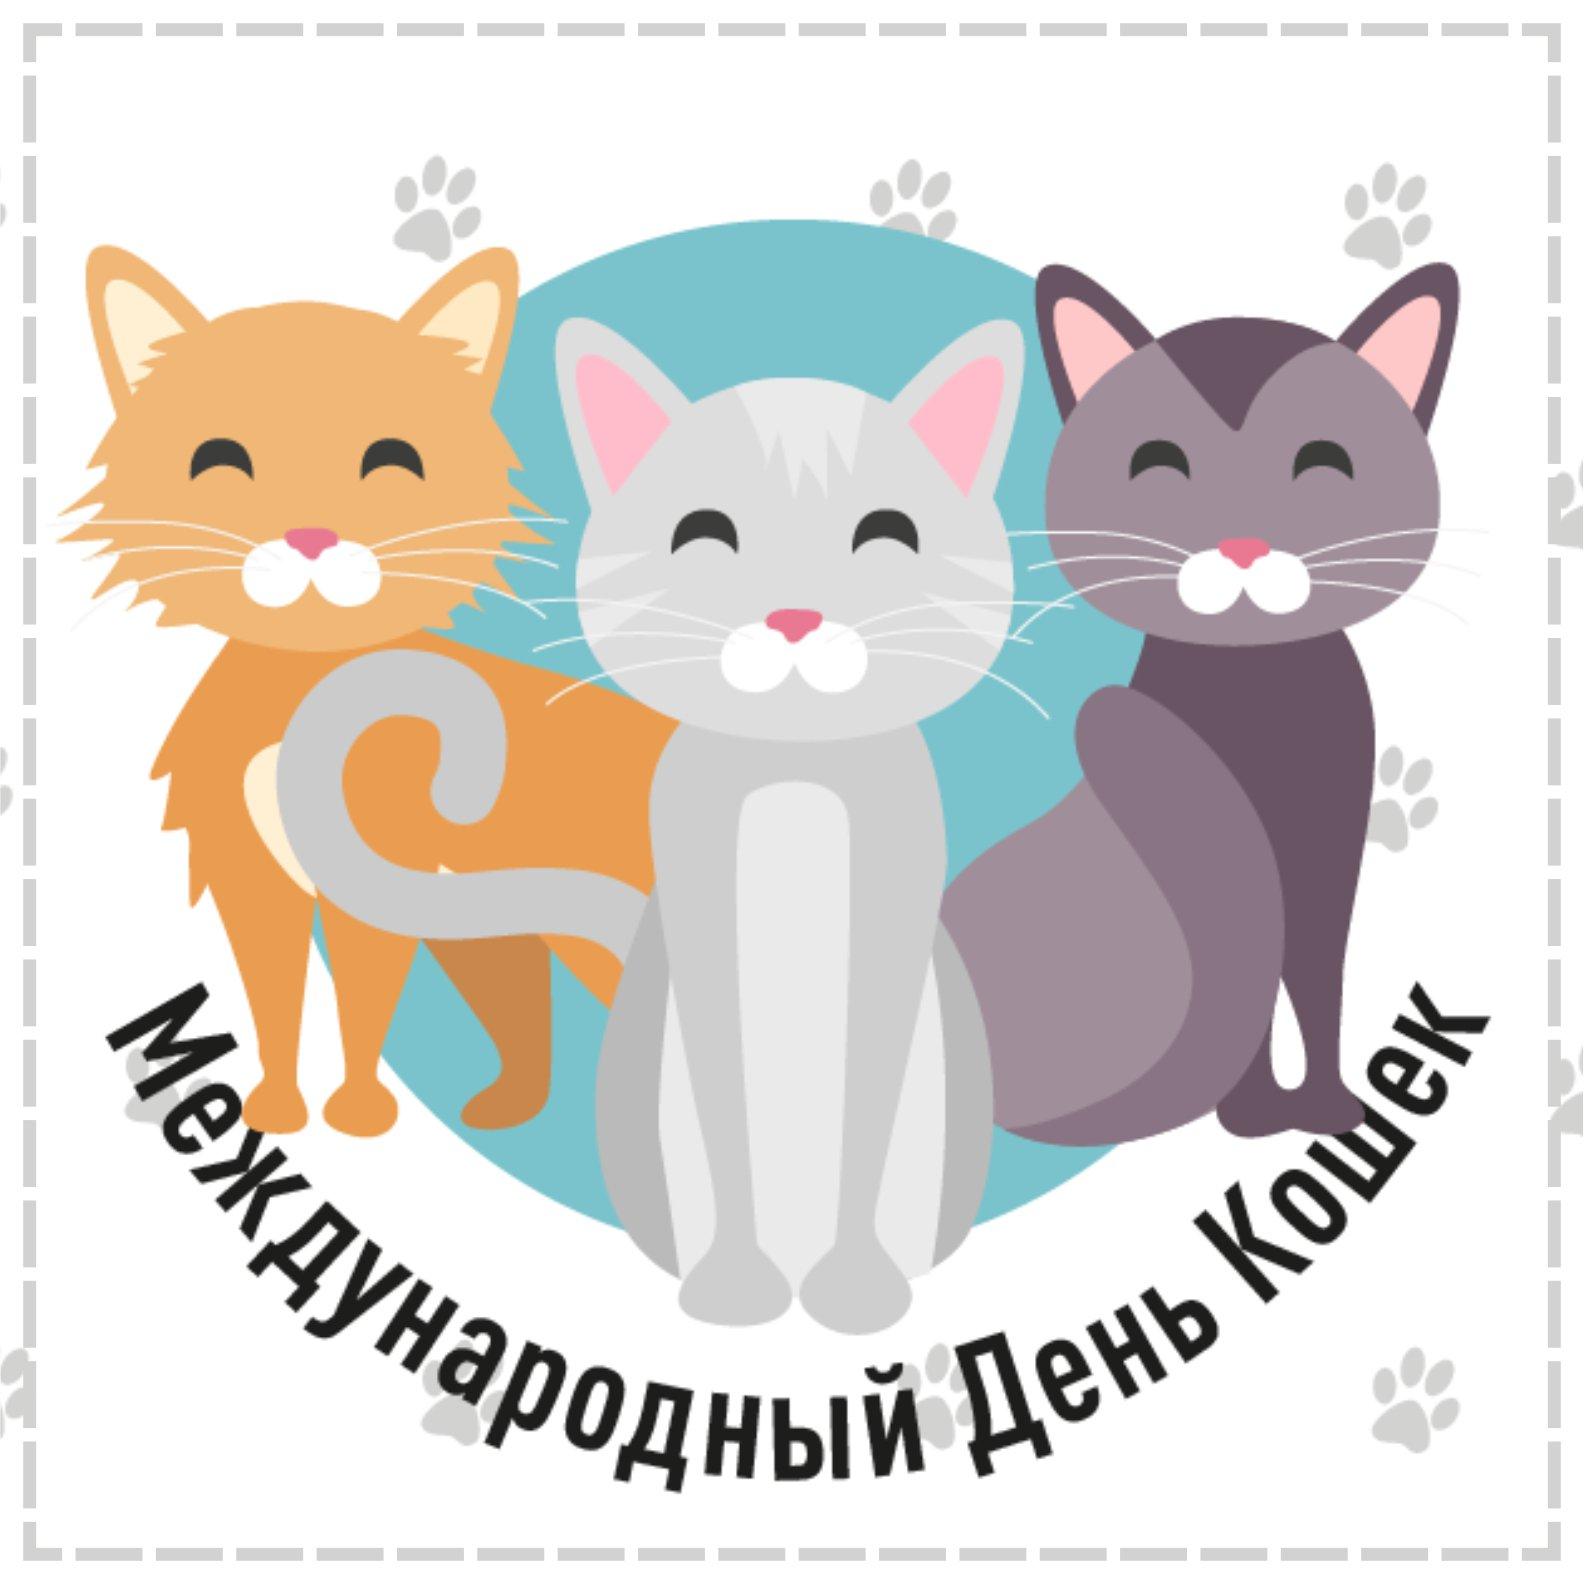 Международный день кошек 8 августа картинки прикольные для поднятия настроения